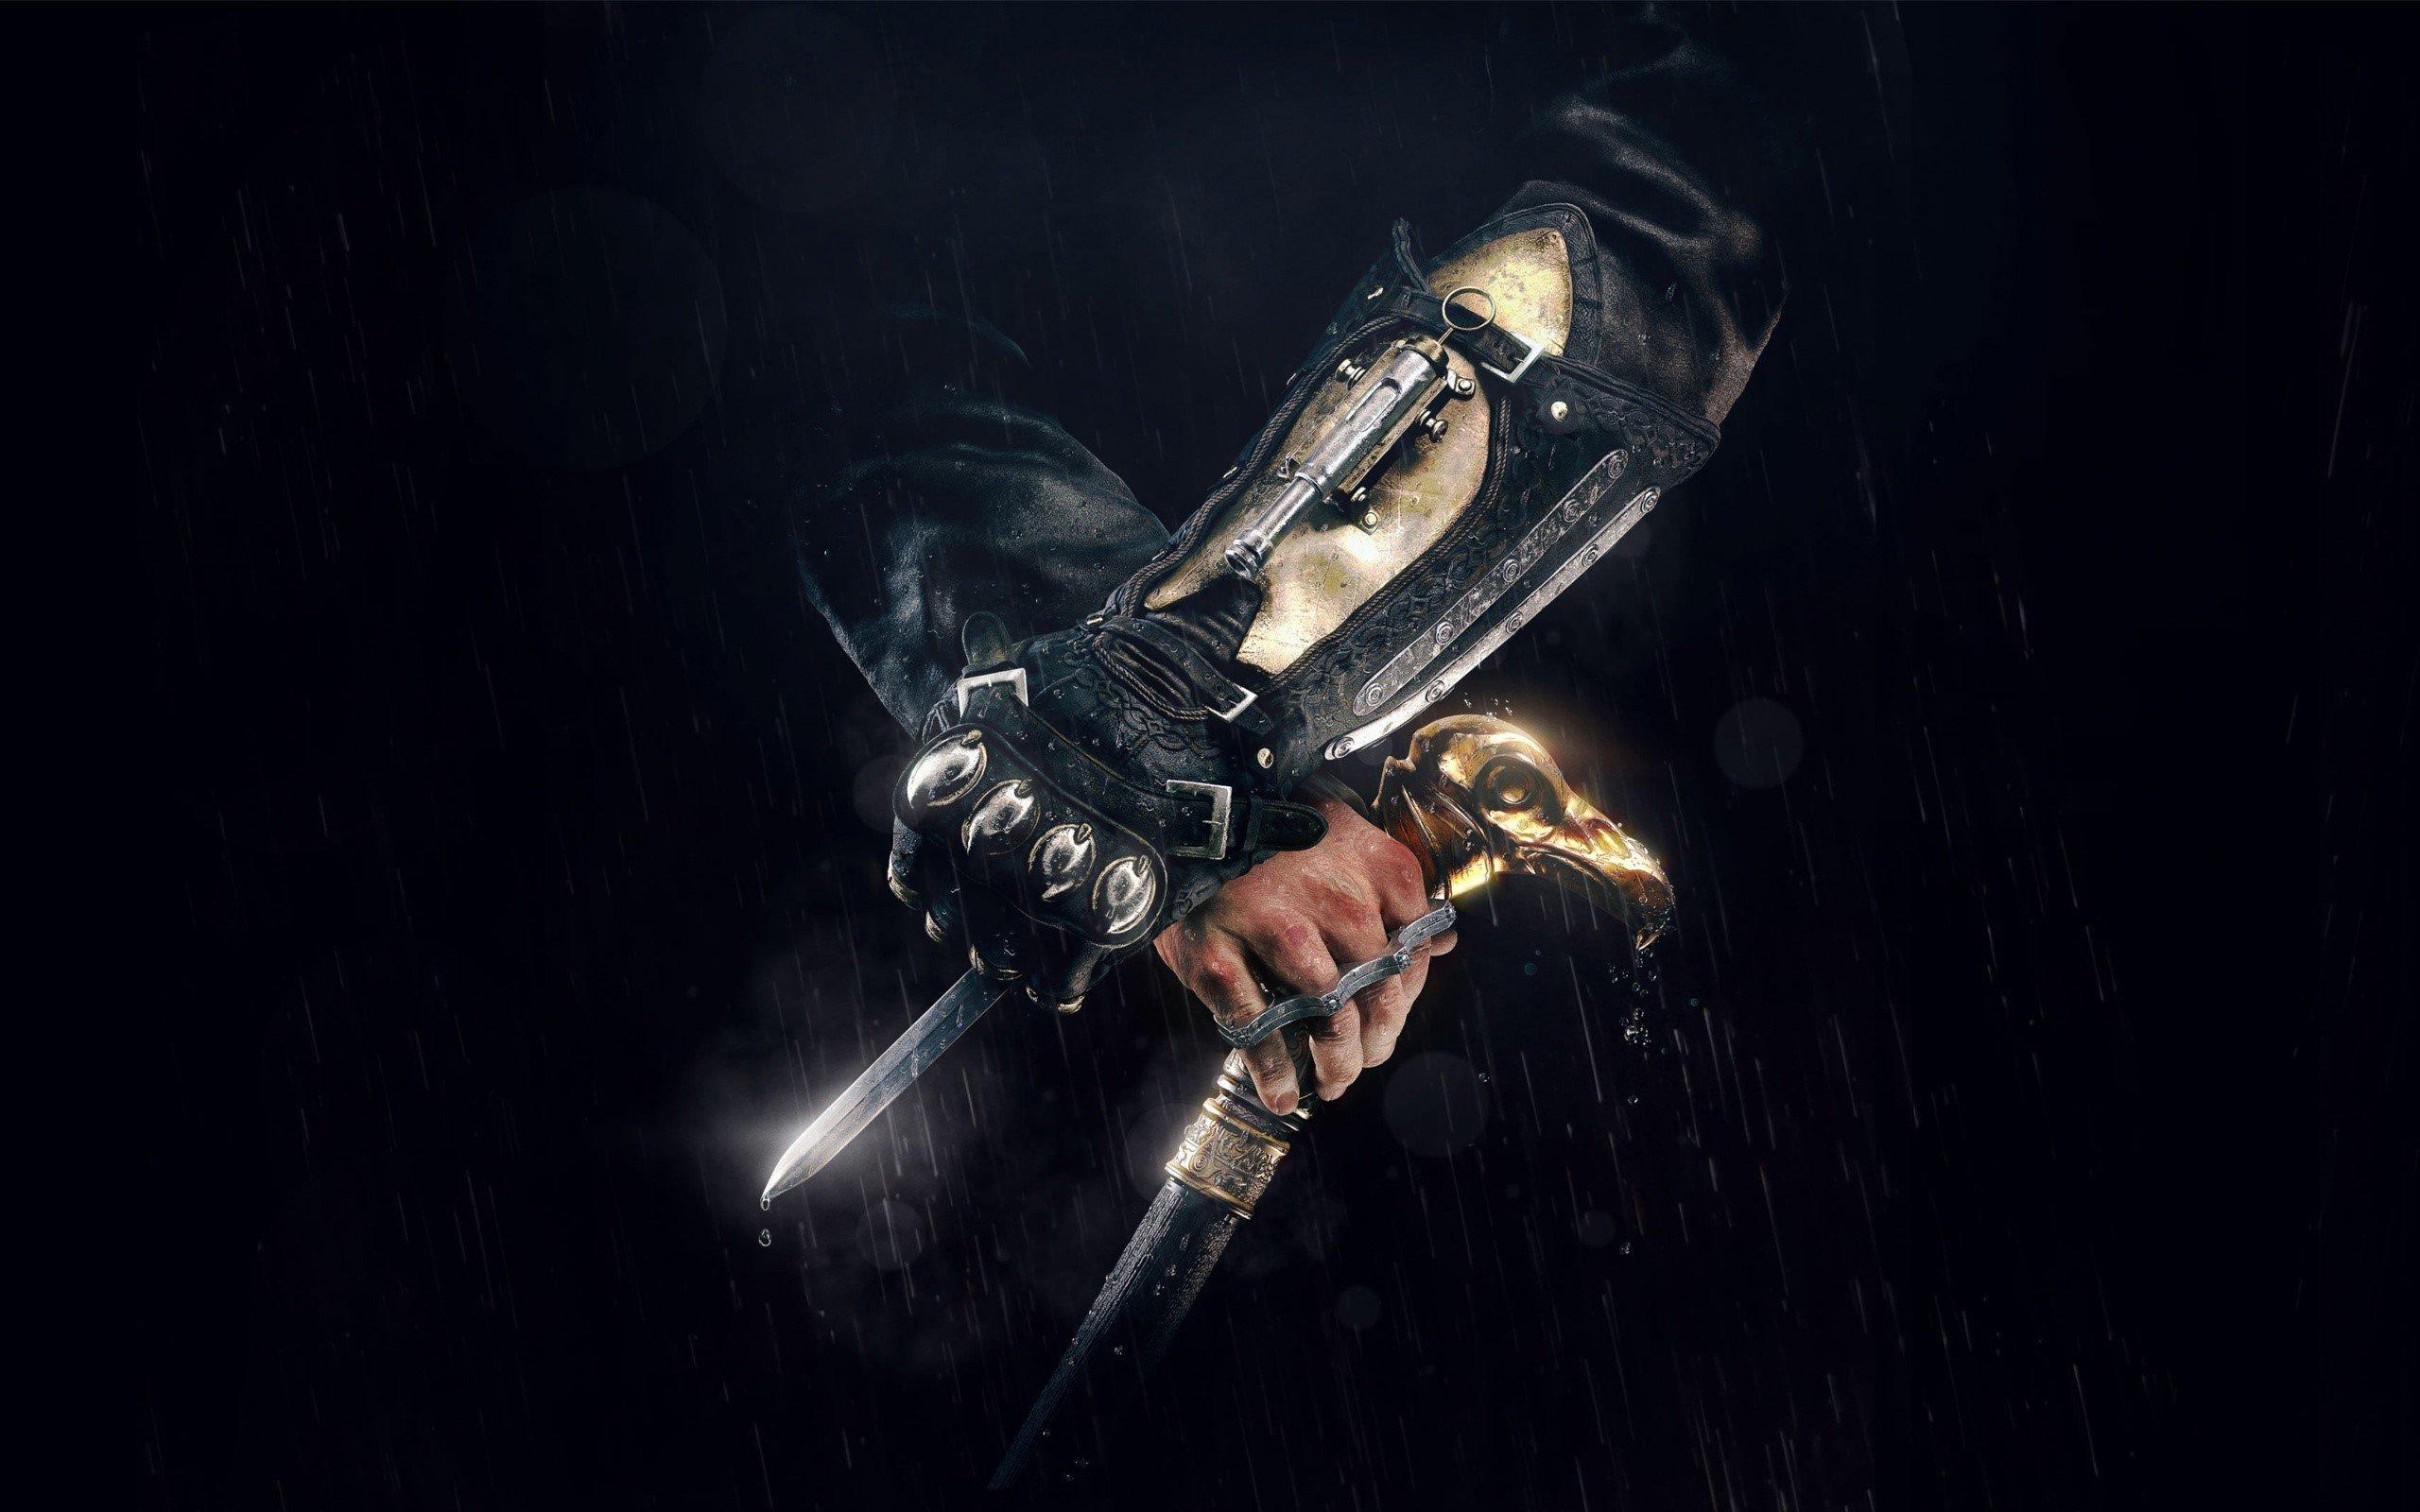 Fondo de pantalla de Juego del 2015 Assassins Creed Syndicate Imágenes